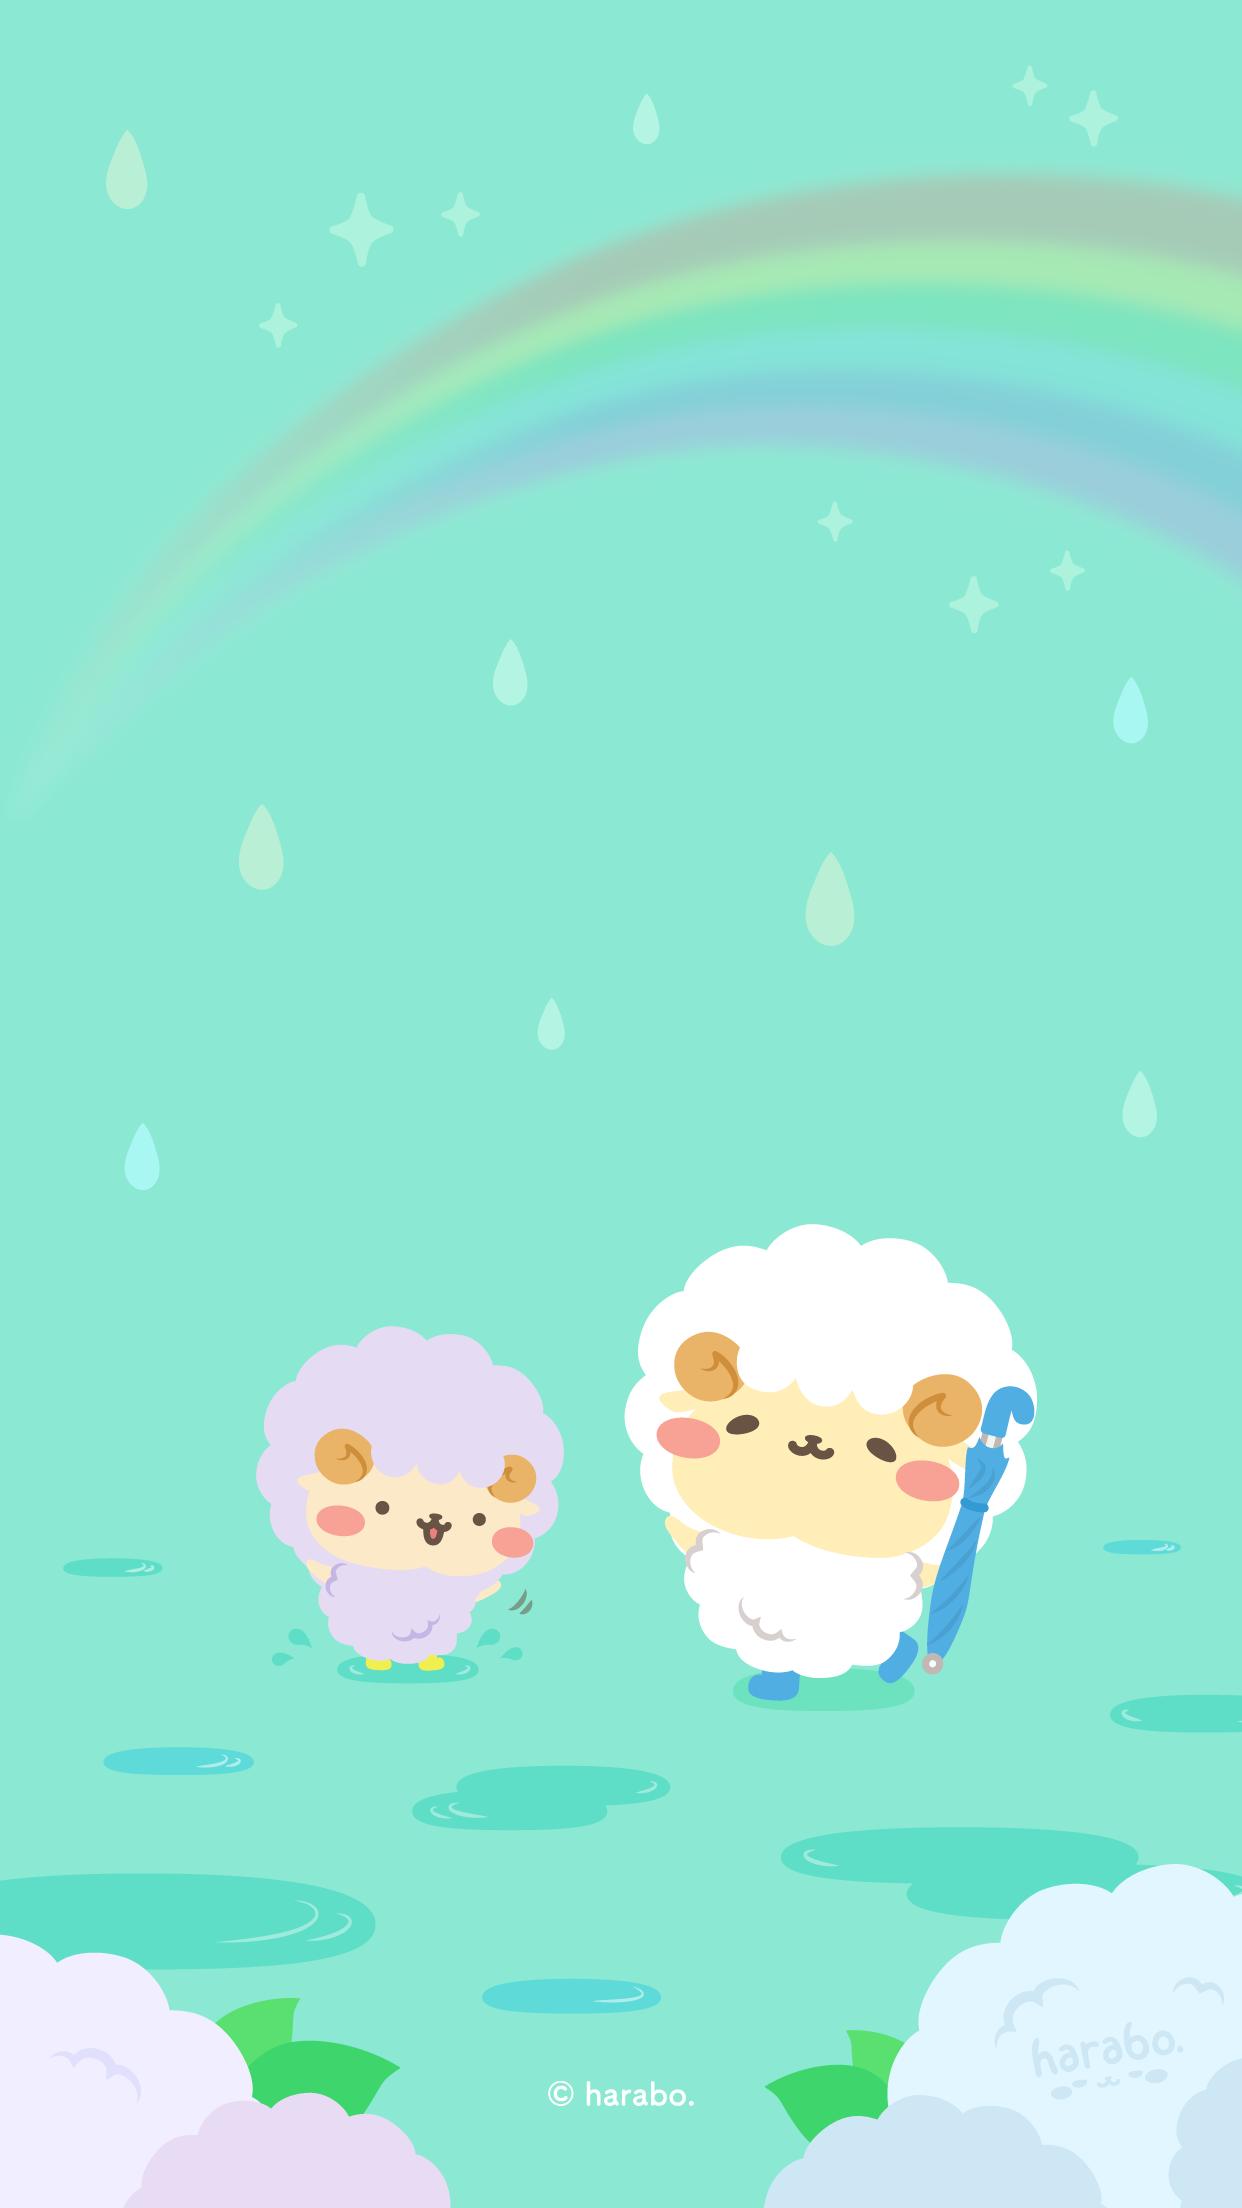 雨上がりの虹 その1